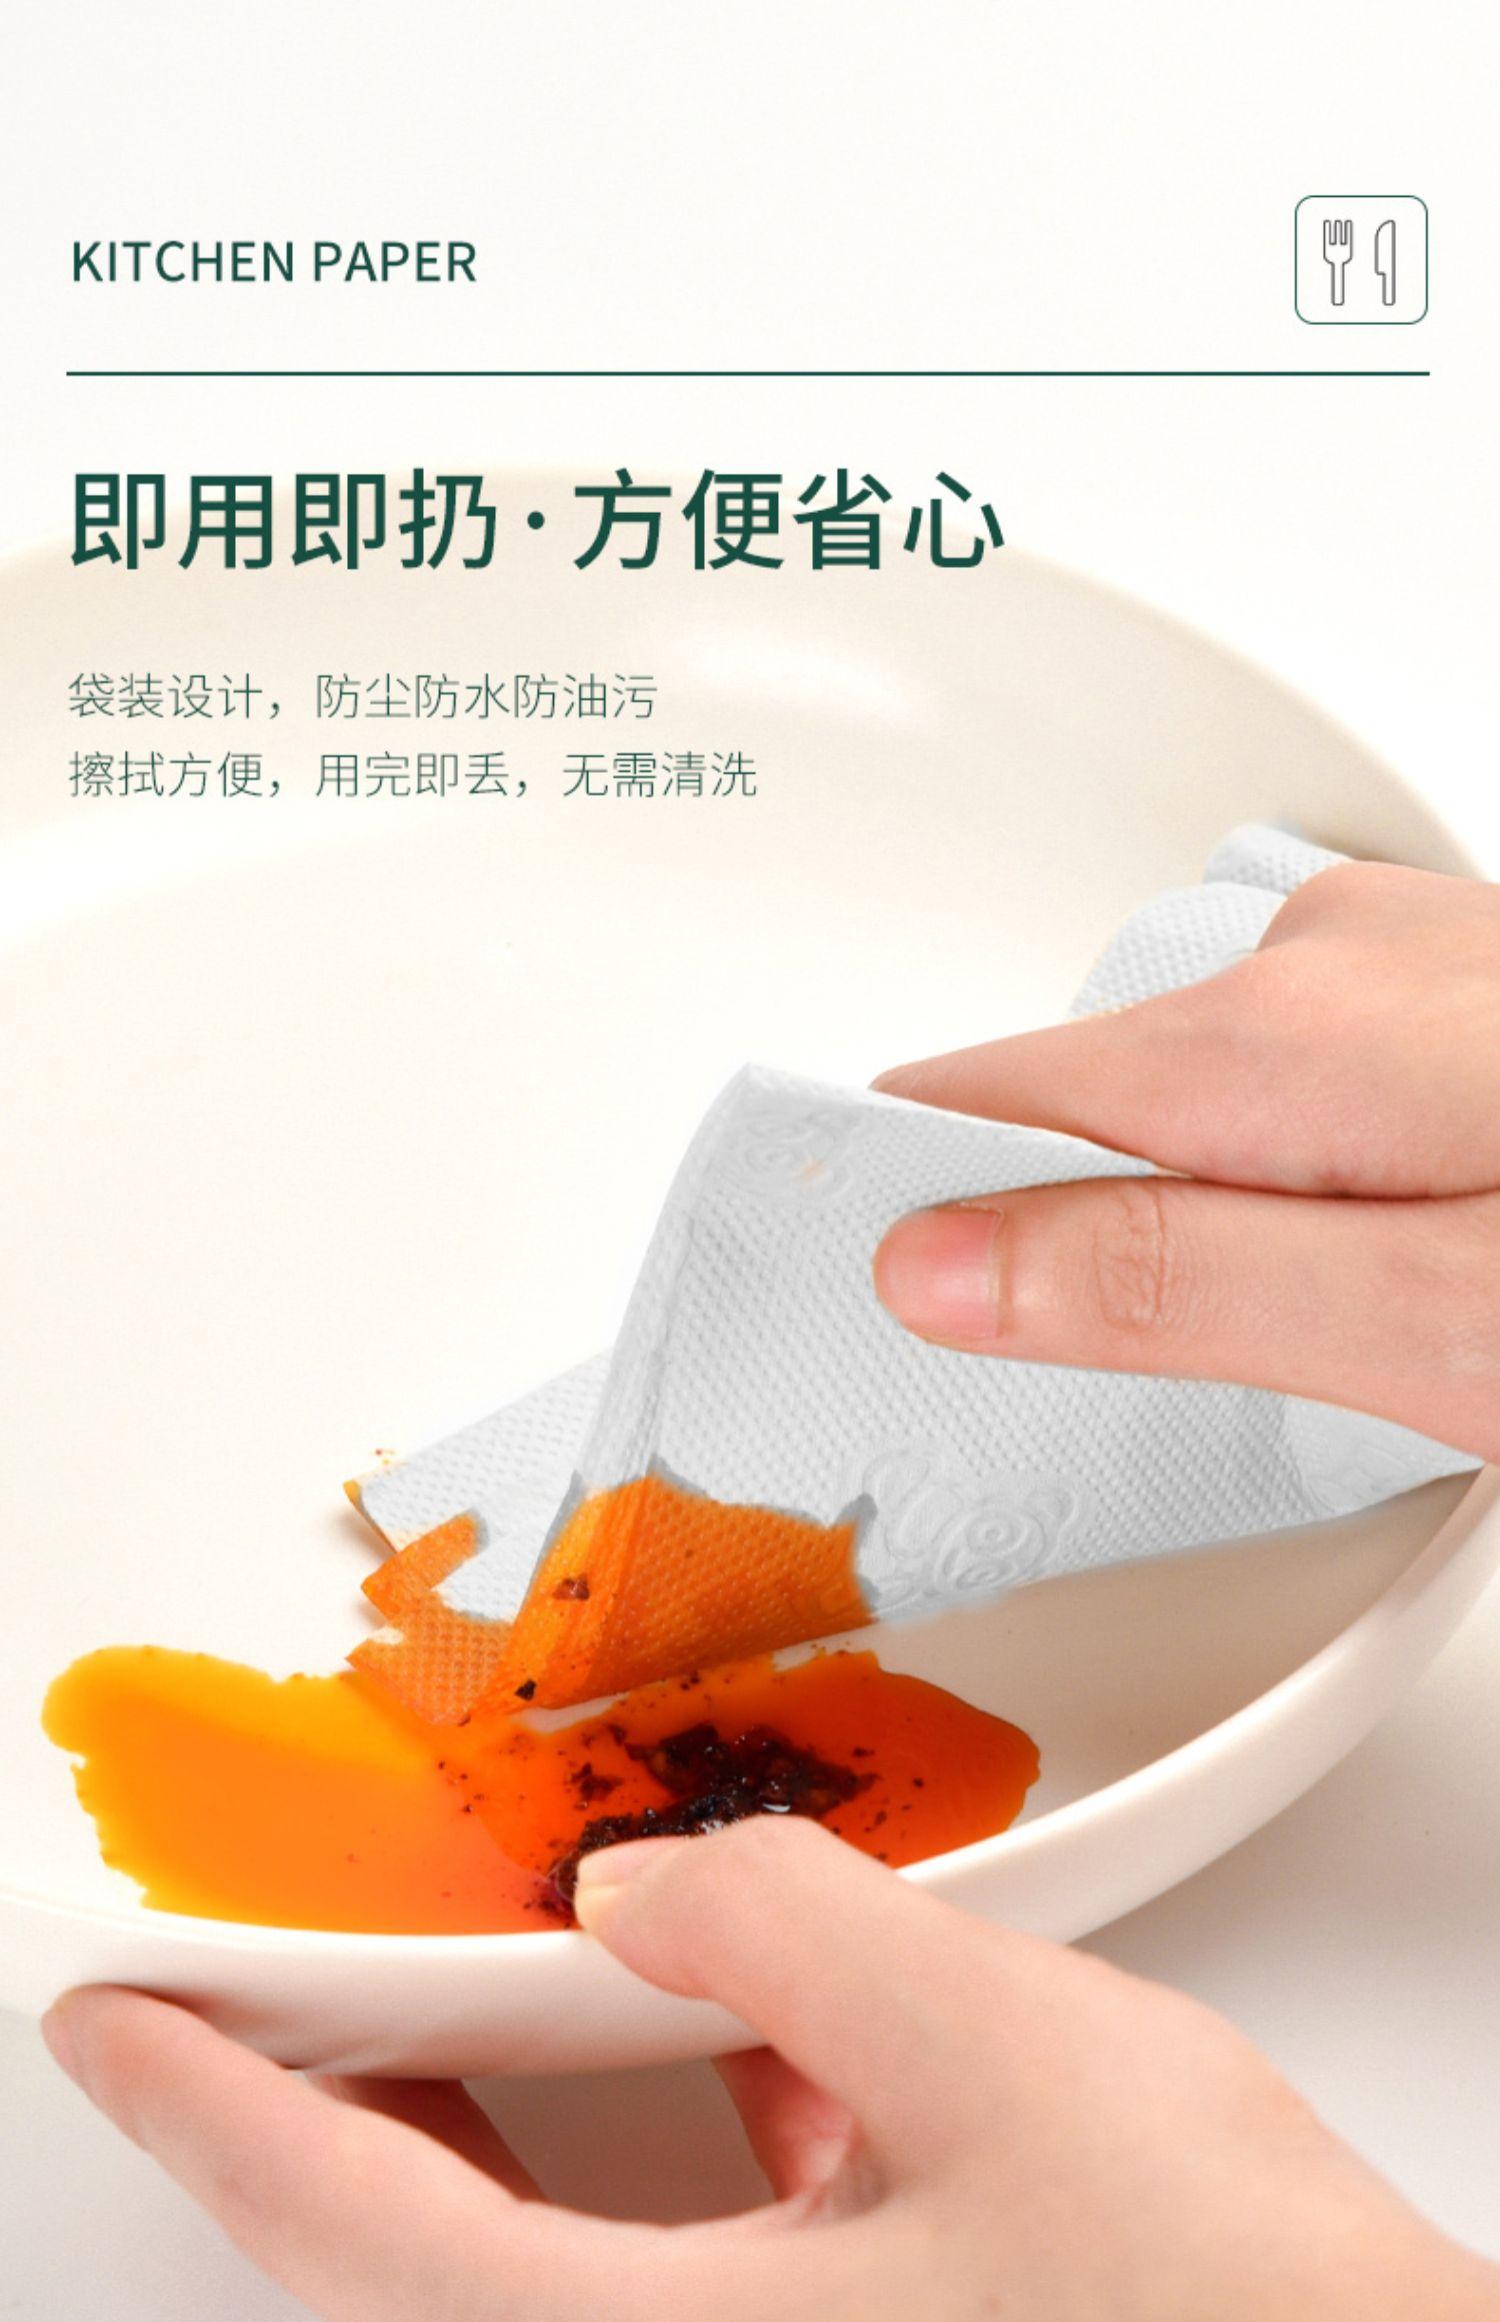 【买三组送一组】植护厨房纸5包